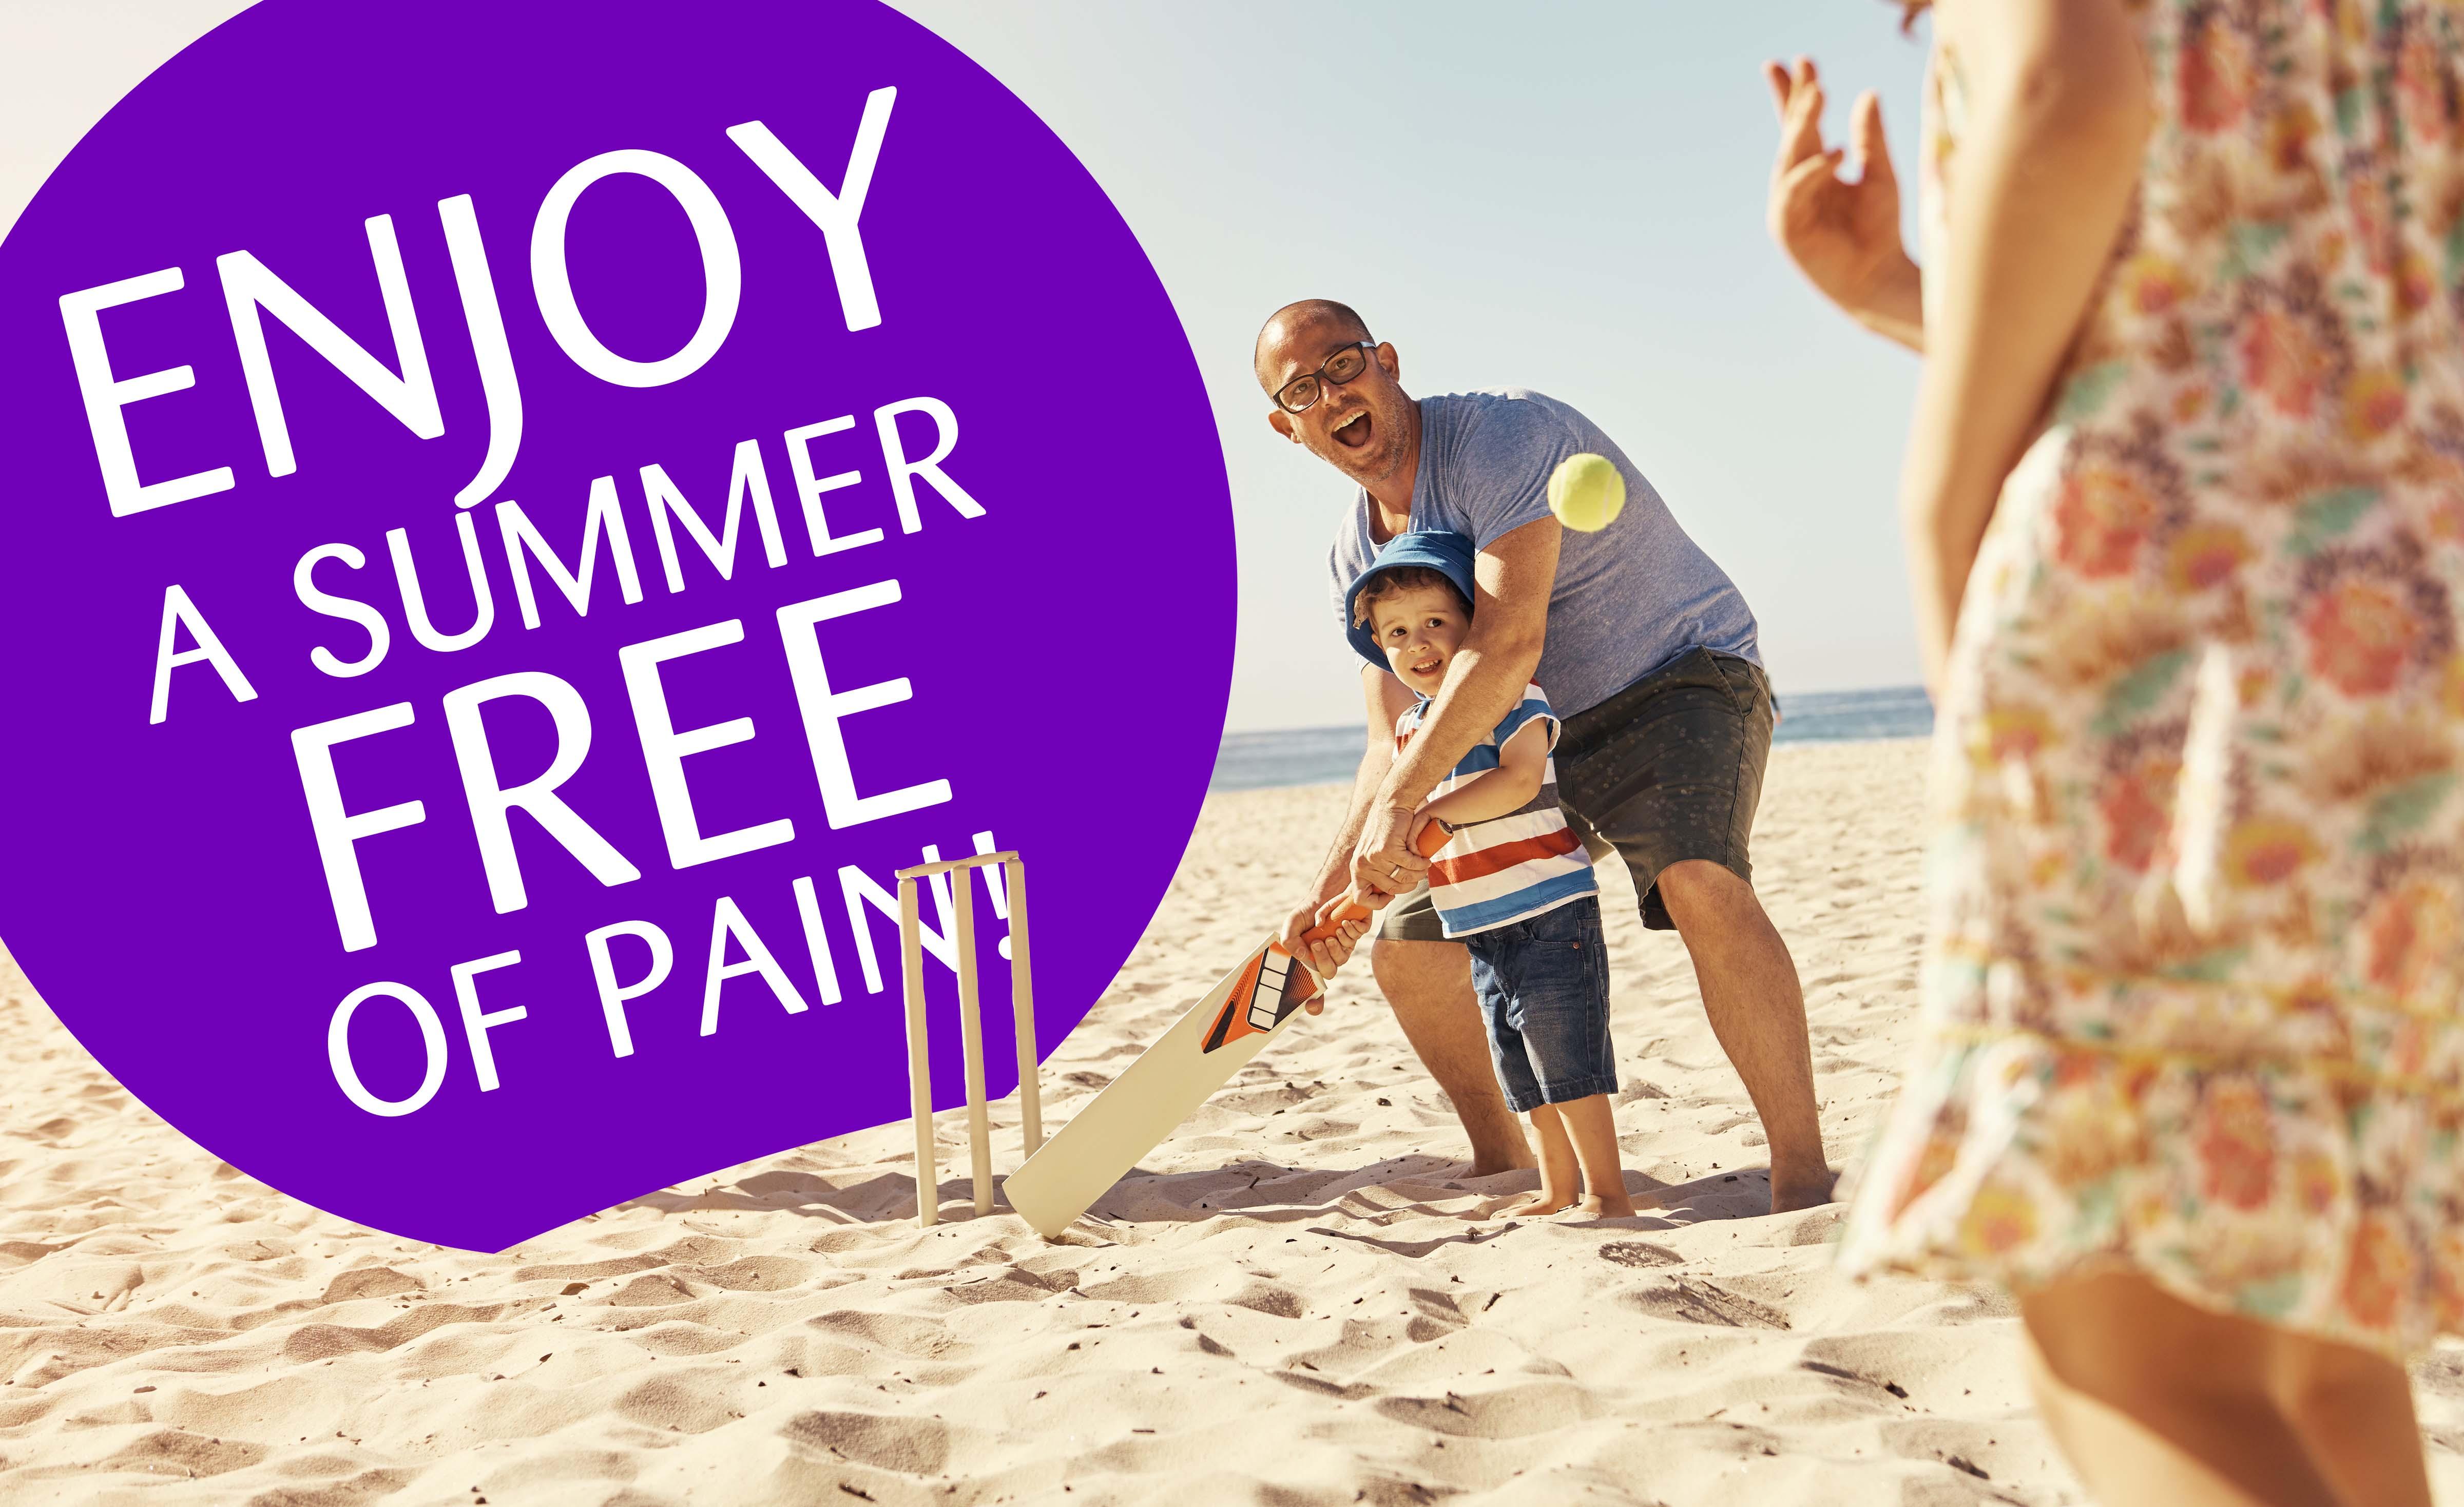 Plan a fun day at the beach